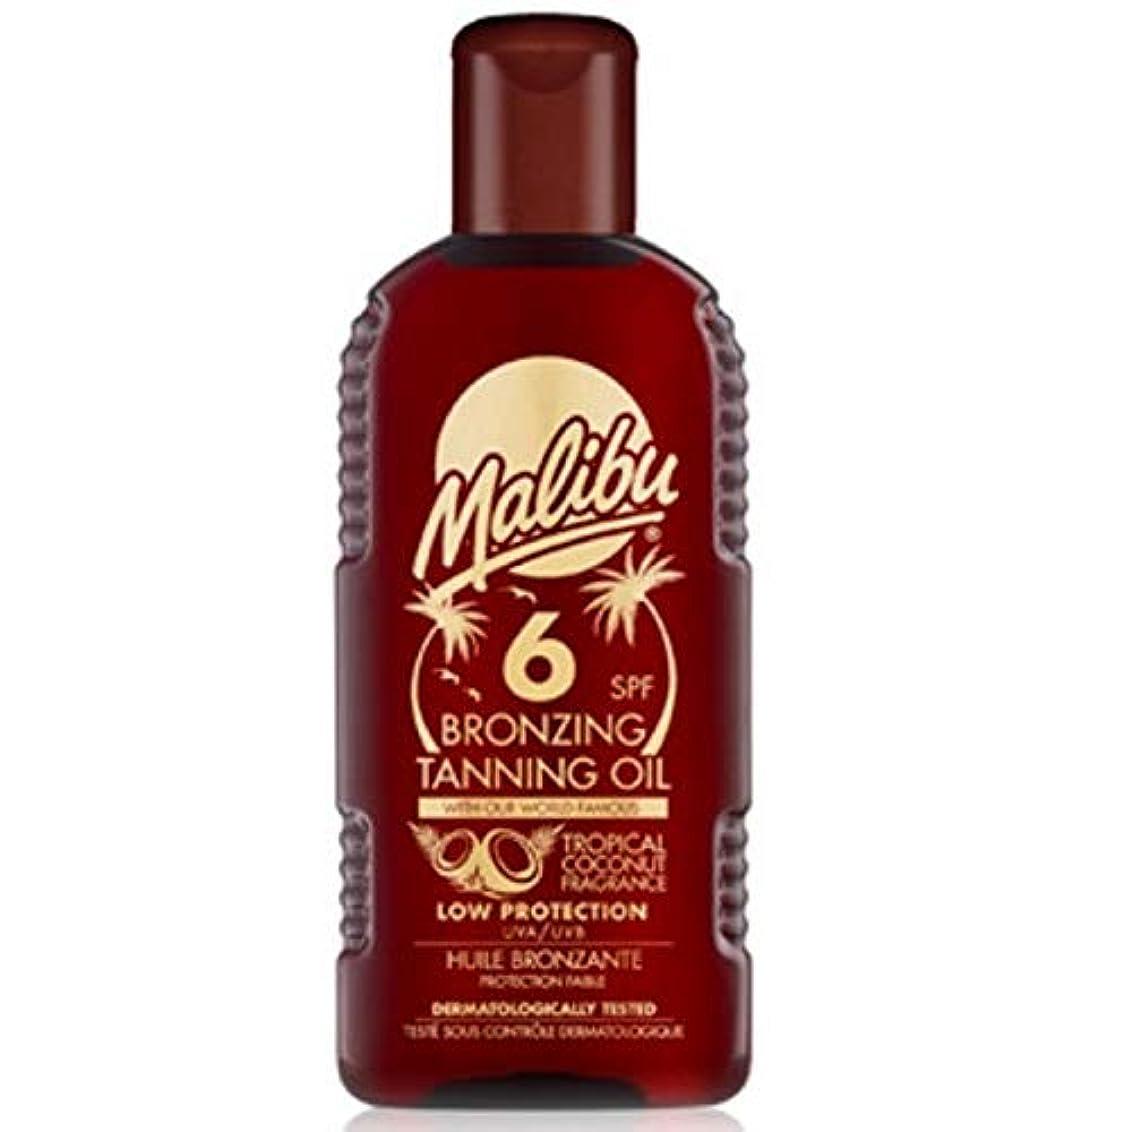 保険をかけるこれらダルセット[Malibu ] マリブブロンズ日焼けオイルSp6 - Malibu Bronzing Tanning Oil Sp6 [並行輸入品]